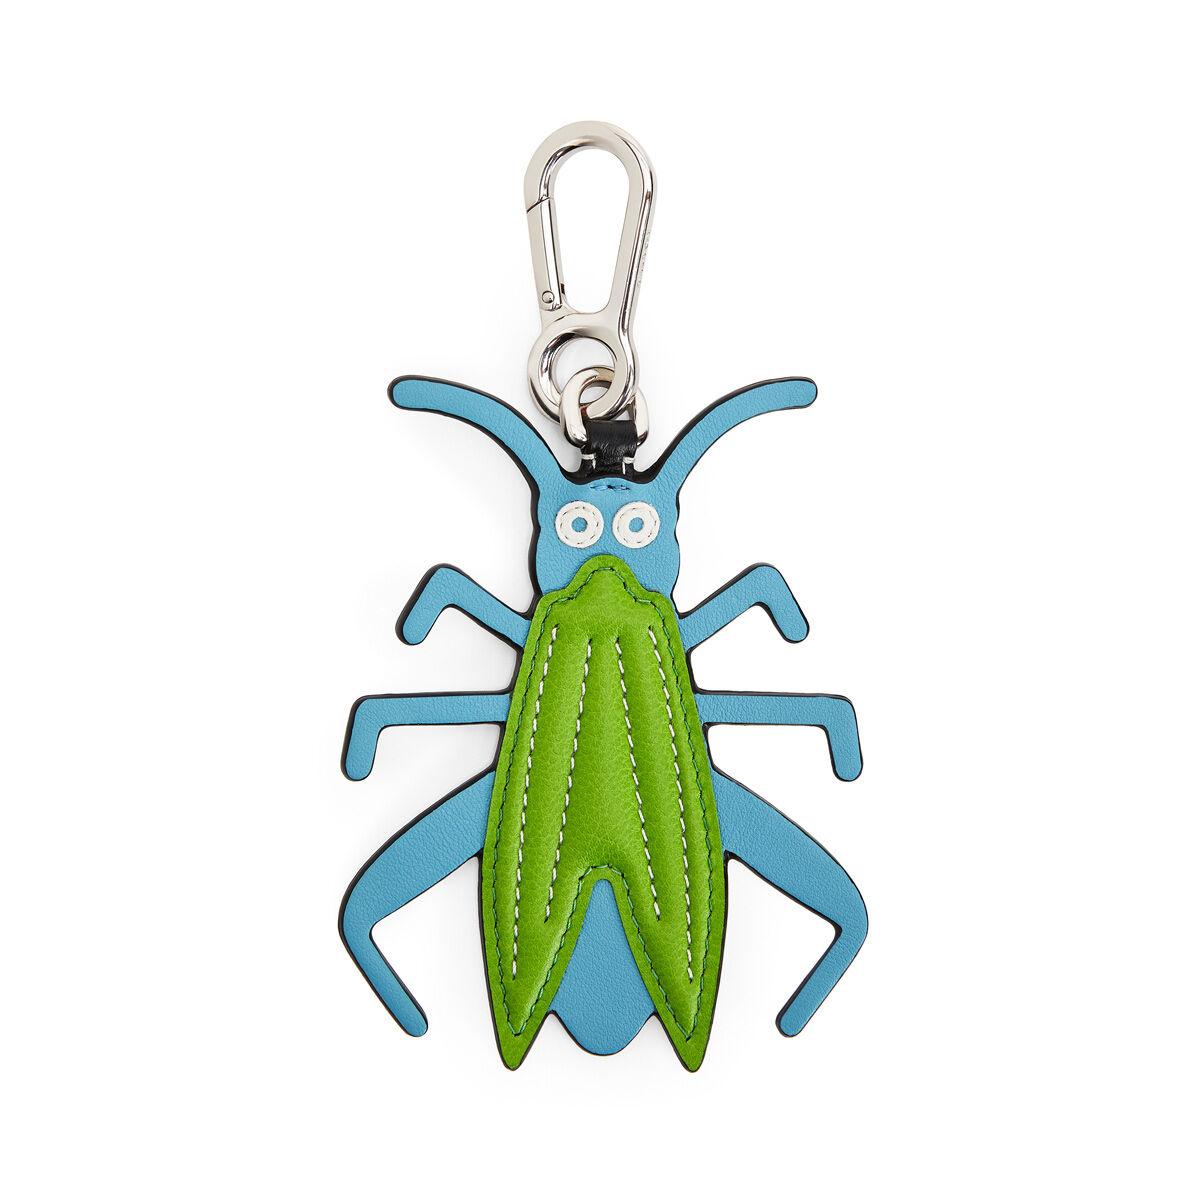 LOEWE Grasshopper Charm Light Blue/Green all